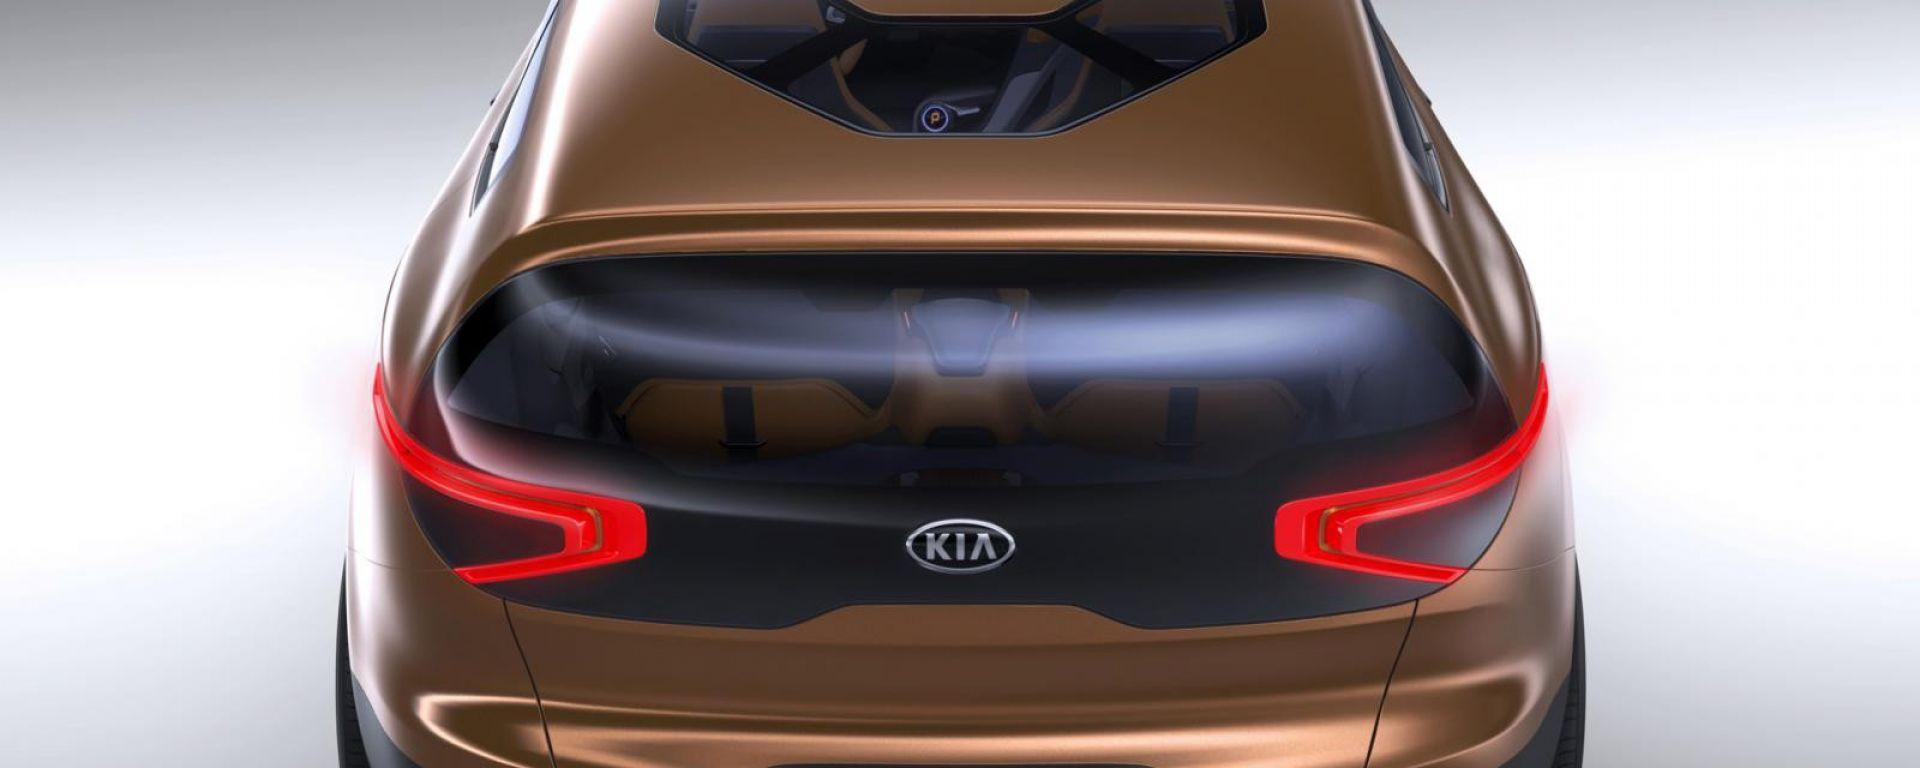 Kia Cross GT, nuove immagini